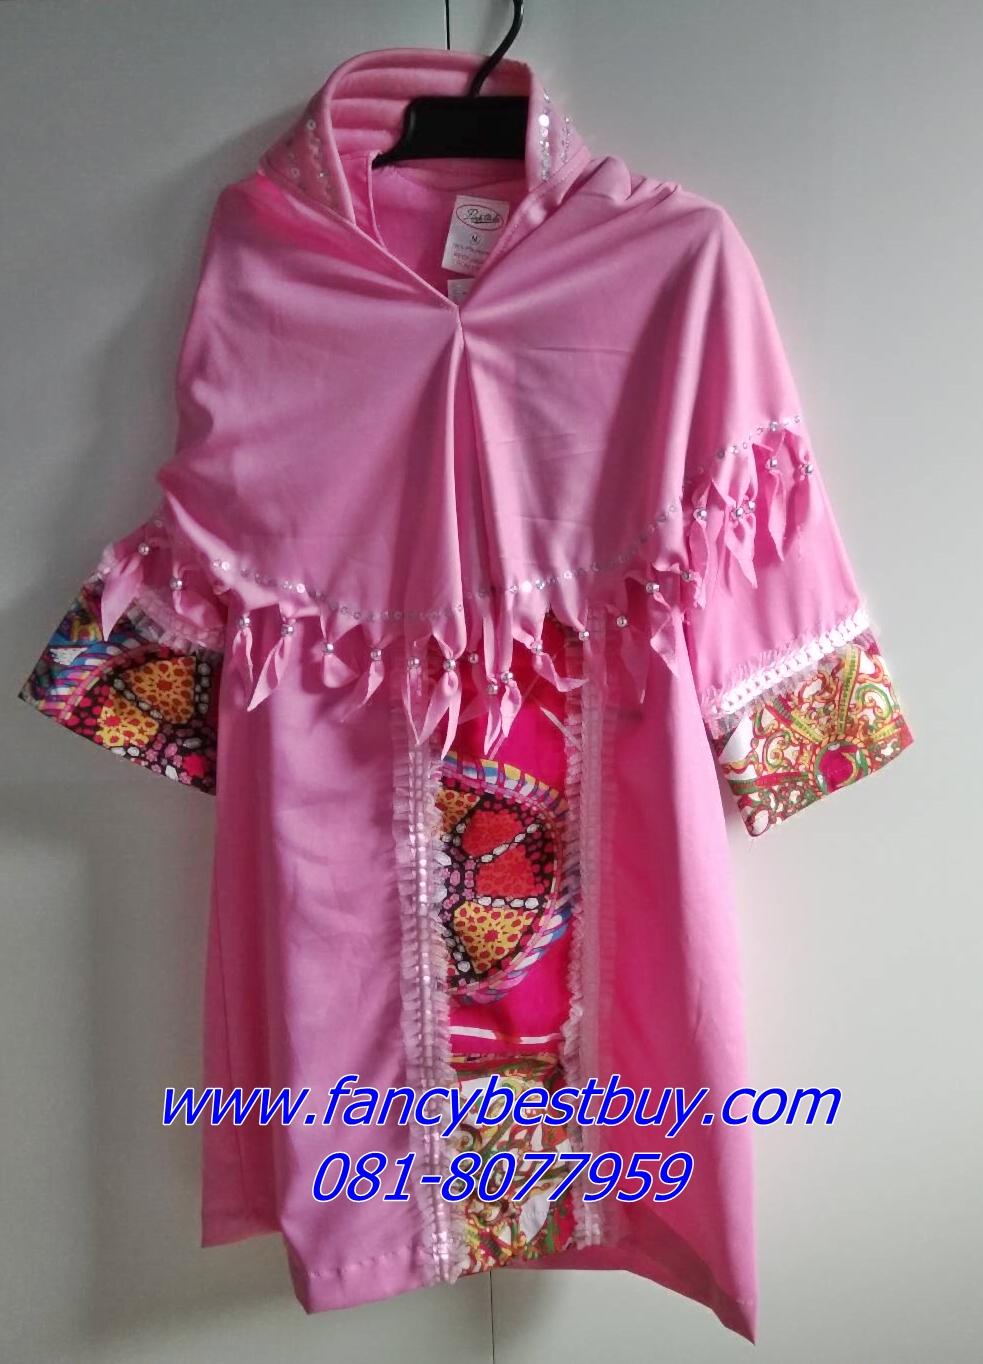 ชุดประจำชาติอินโดนีเซีย indonesia สำหรับเด็กหญิง ขนาด M (เหมาะกับเด็ก 100-115 ซม)